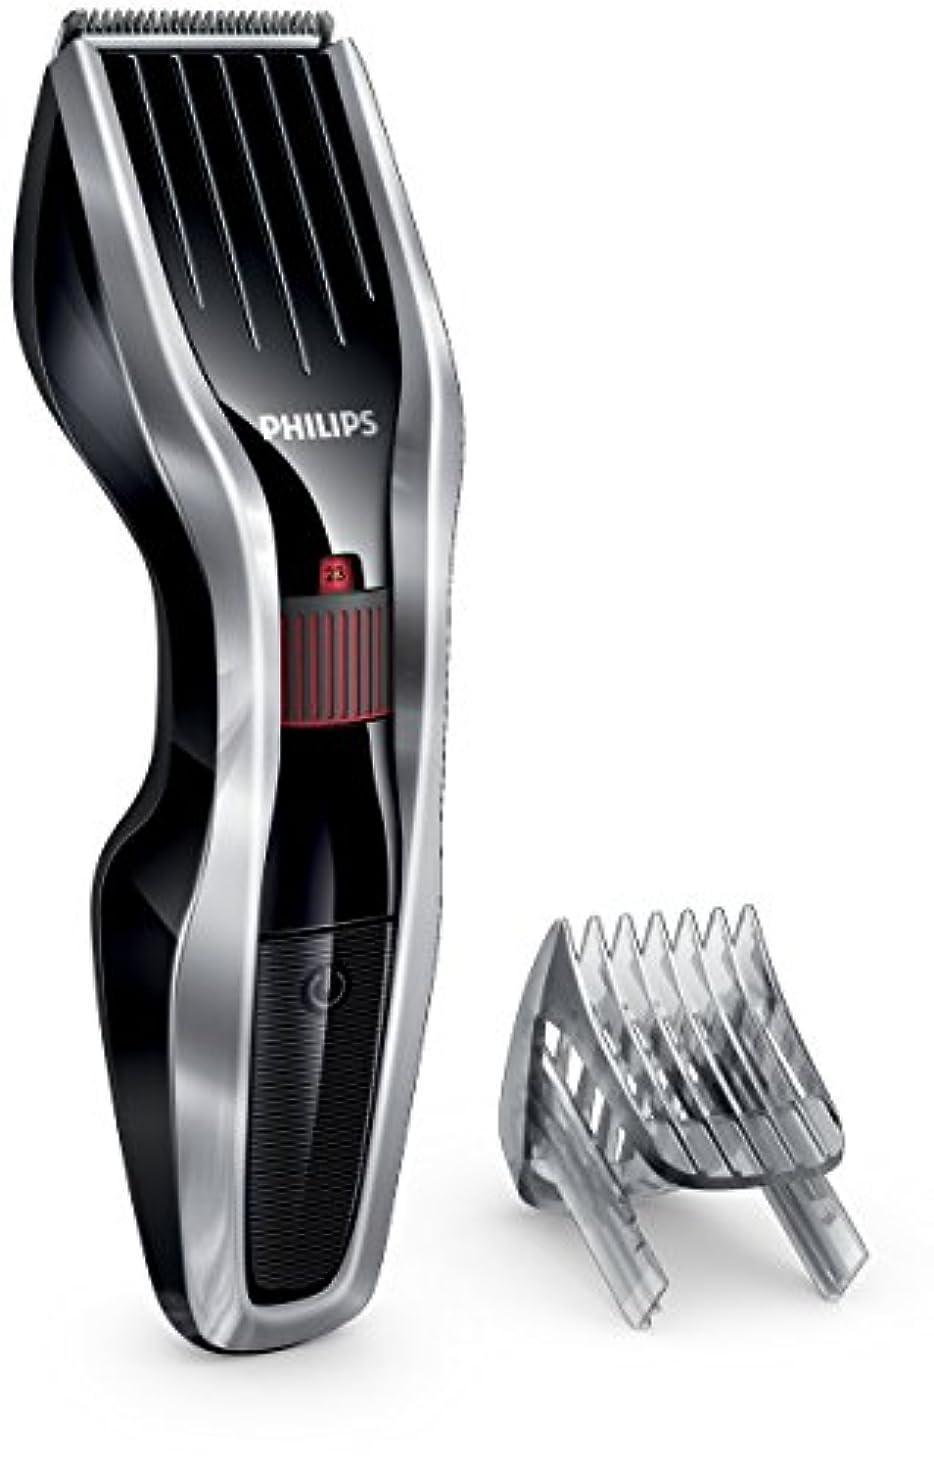 否認するコート改善するフィリップス 電動バリカン ヘアーカッター コードレス (1mm単位、23段階長さ調節) HC5440/15